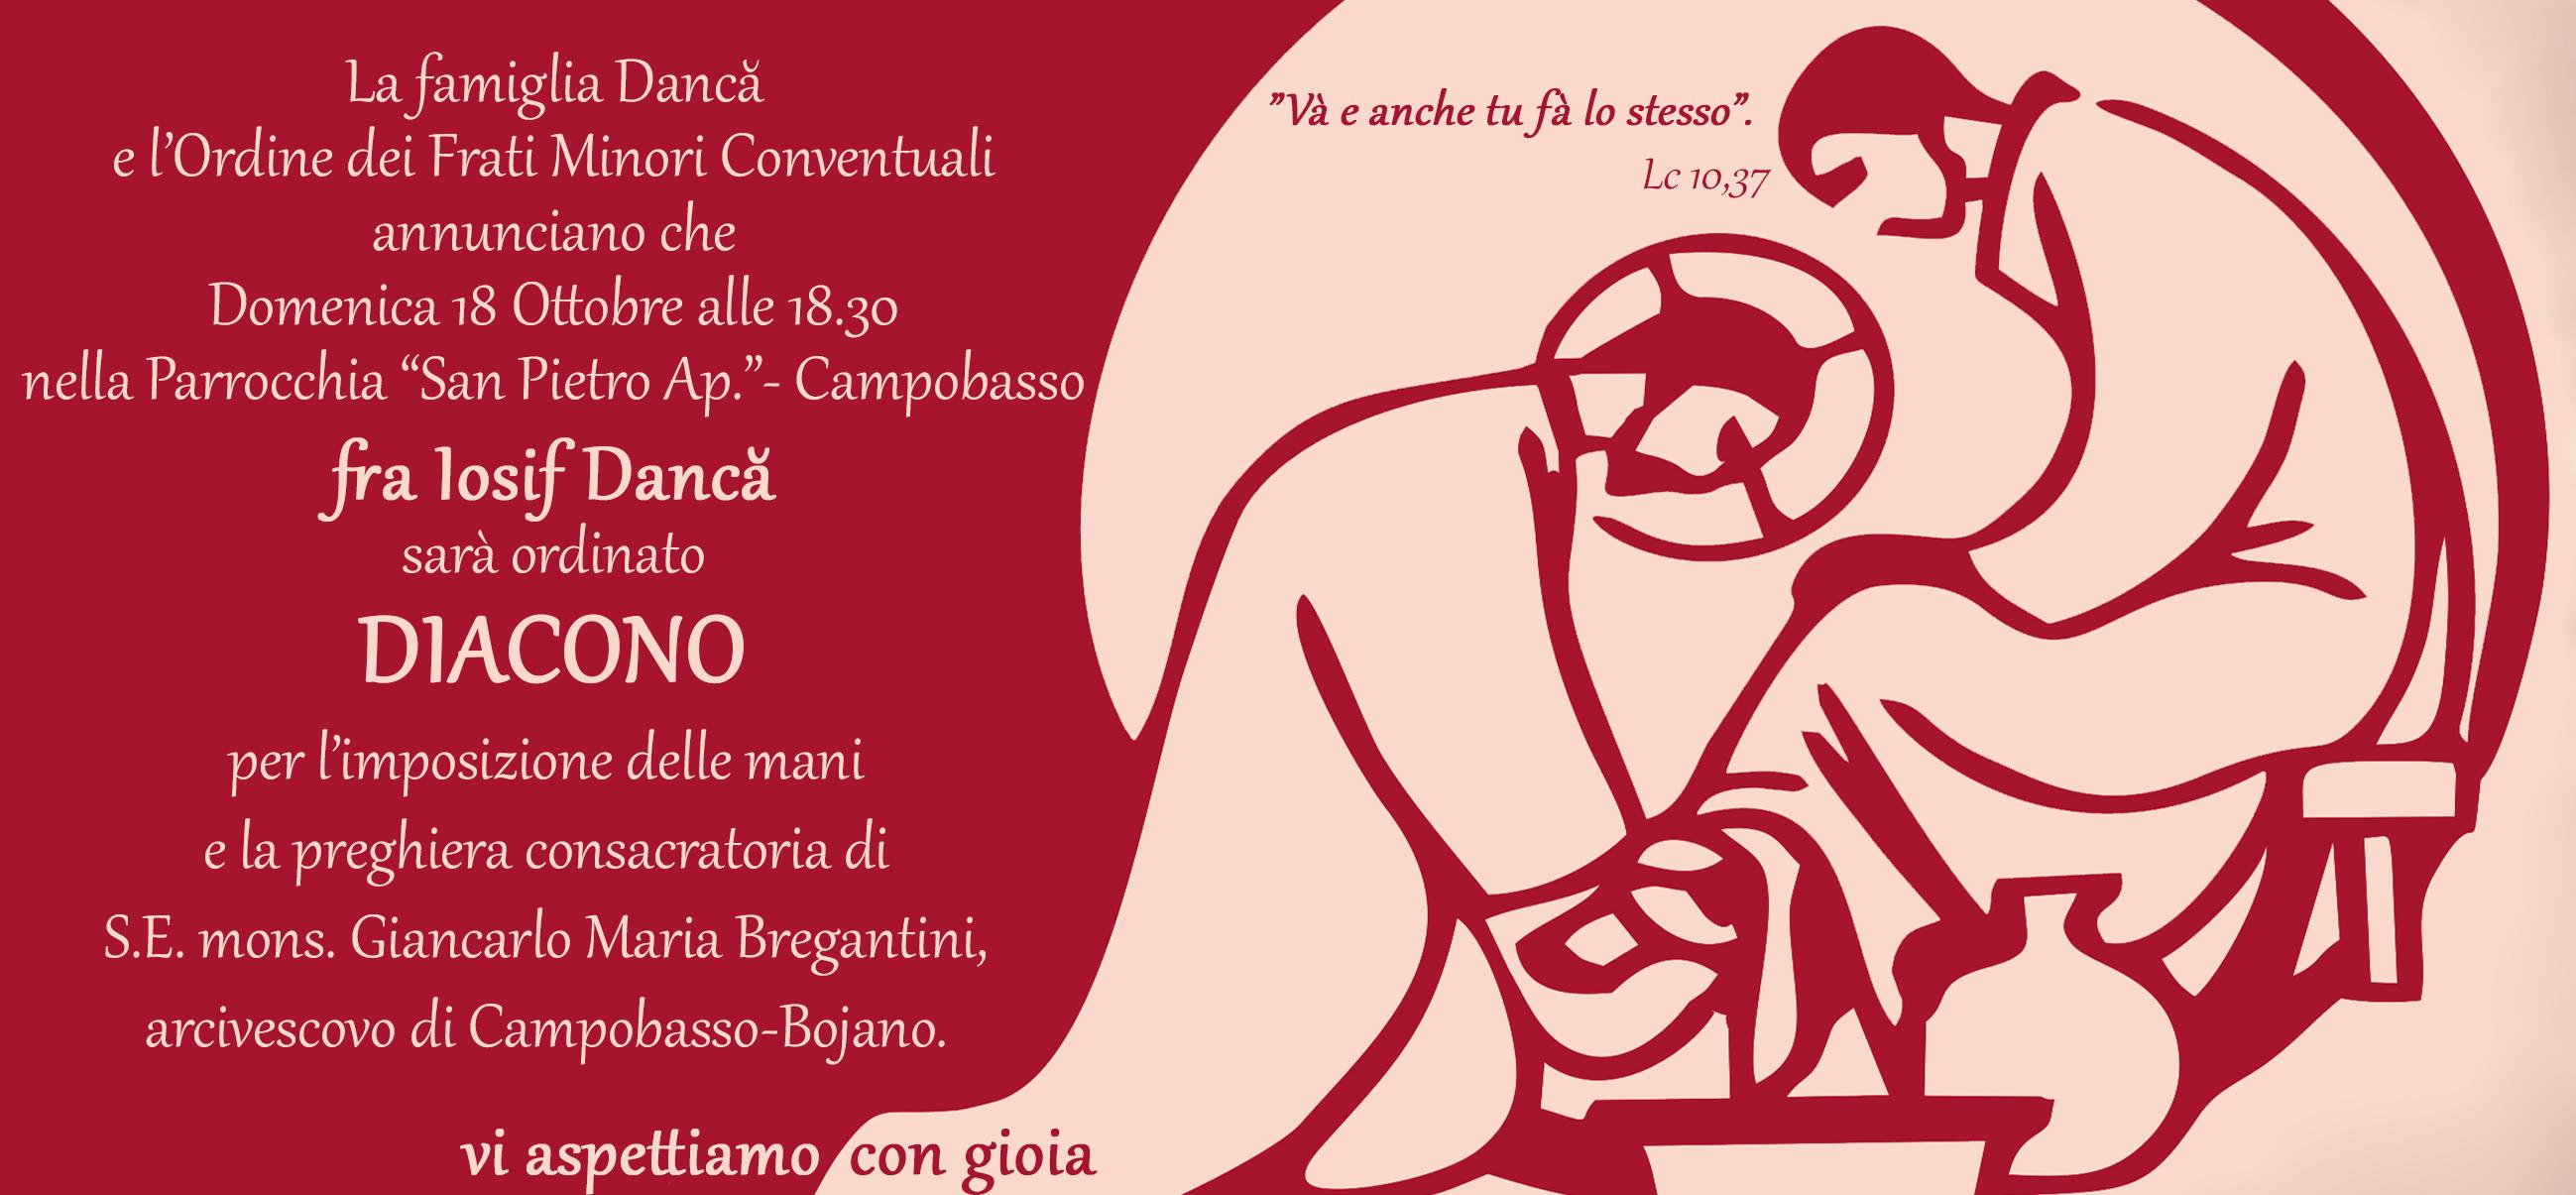 Ordinazione diaconale di fra Iosif Dancă